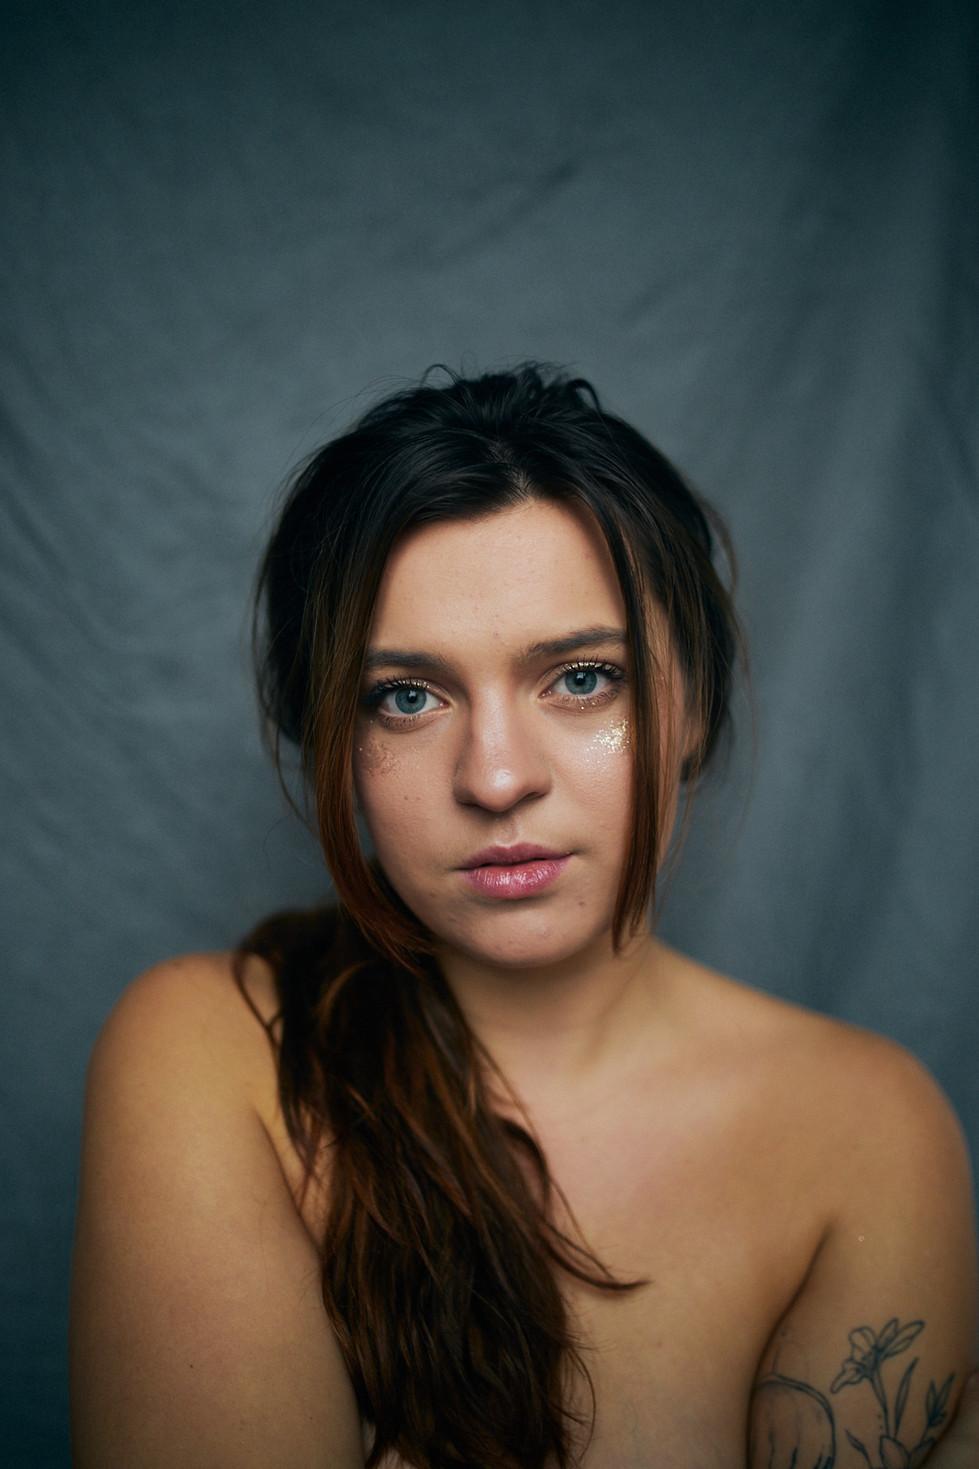 Model: Sina Spindler